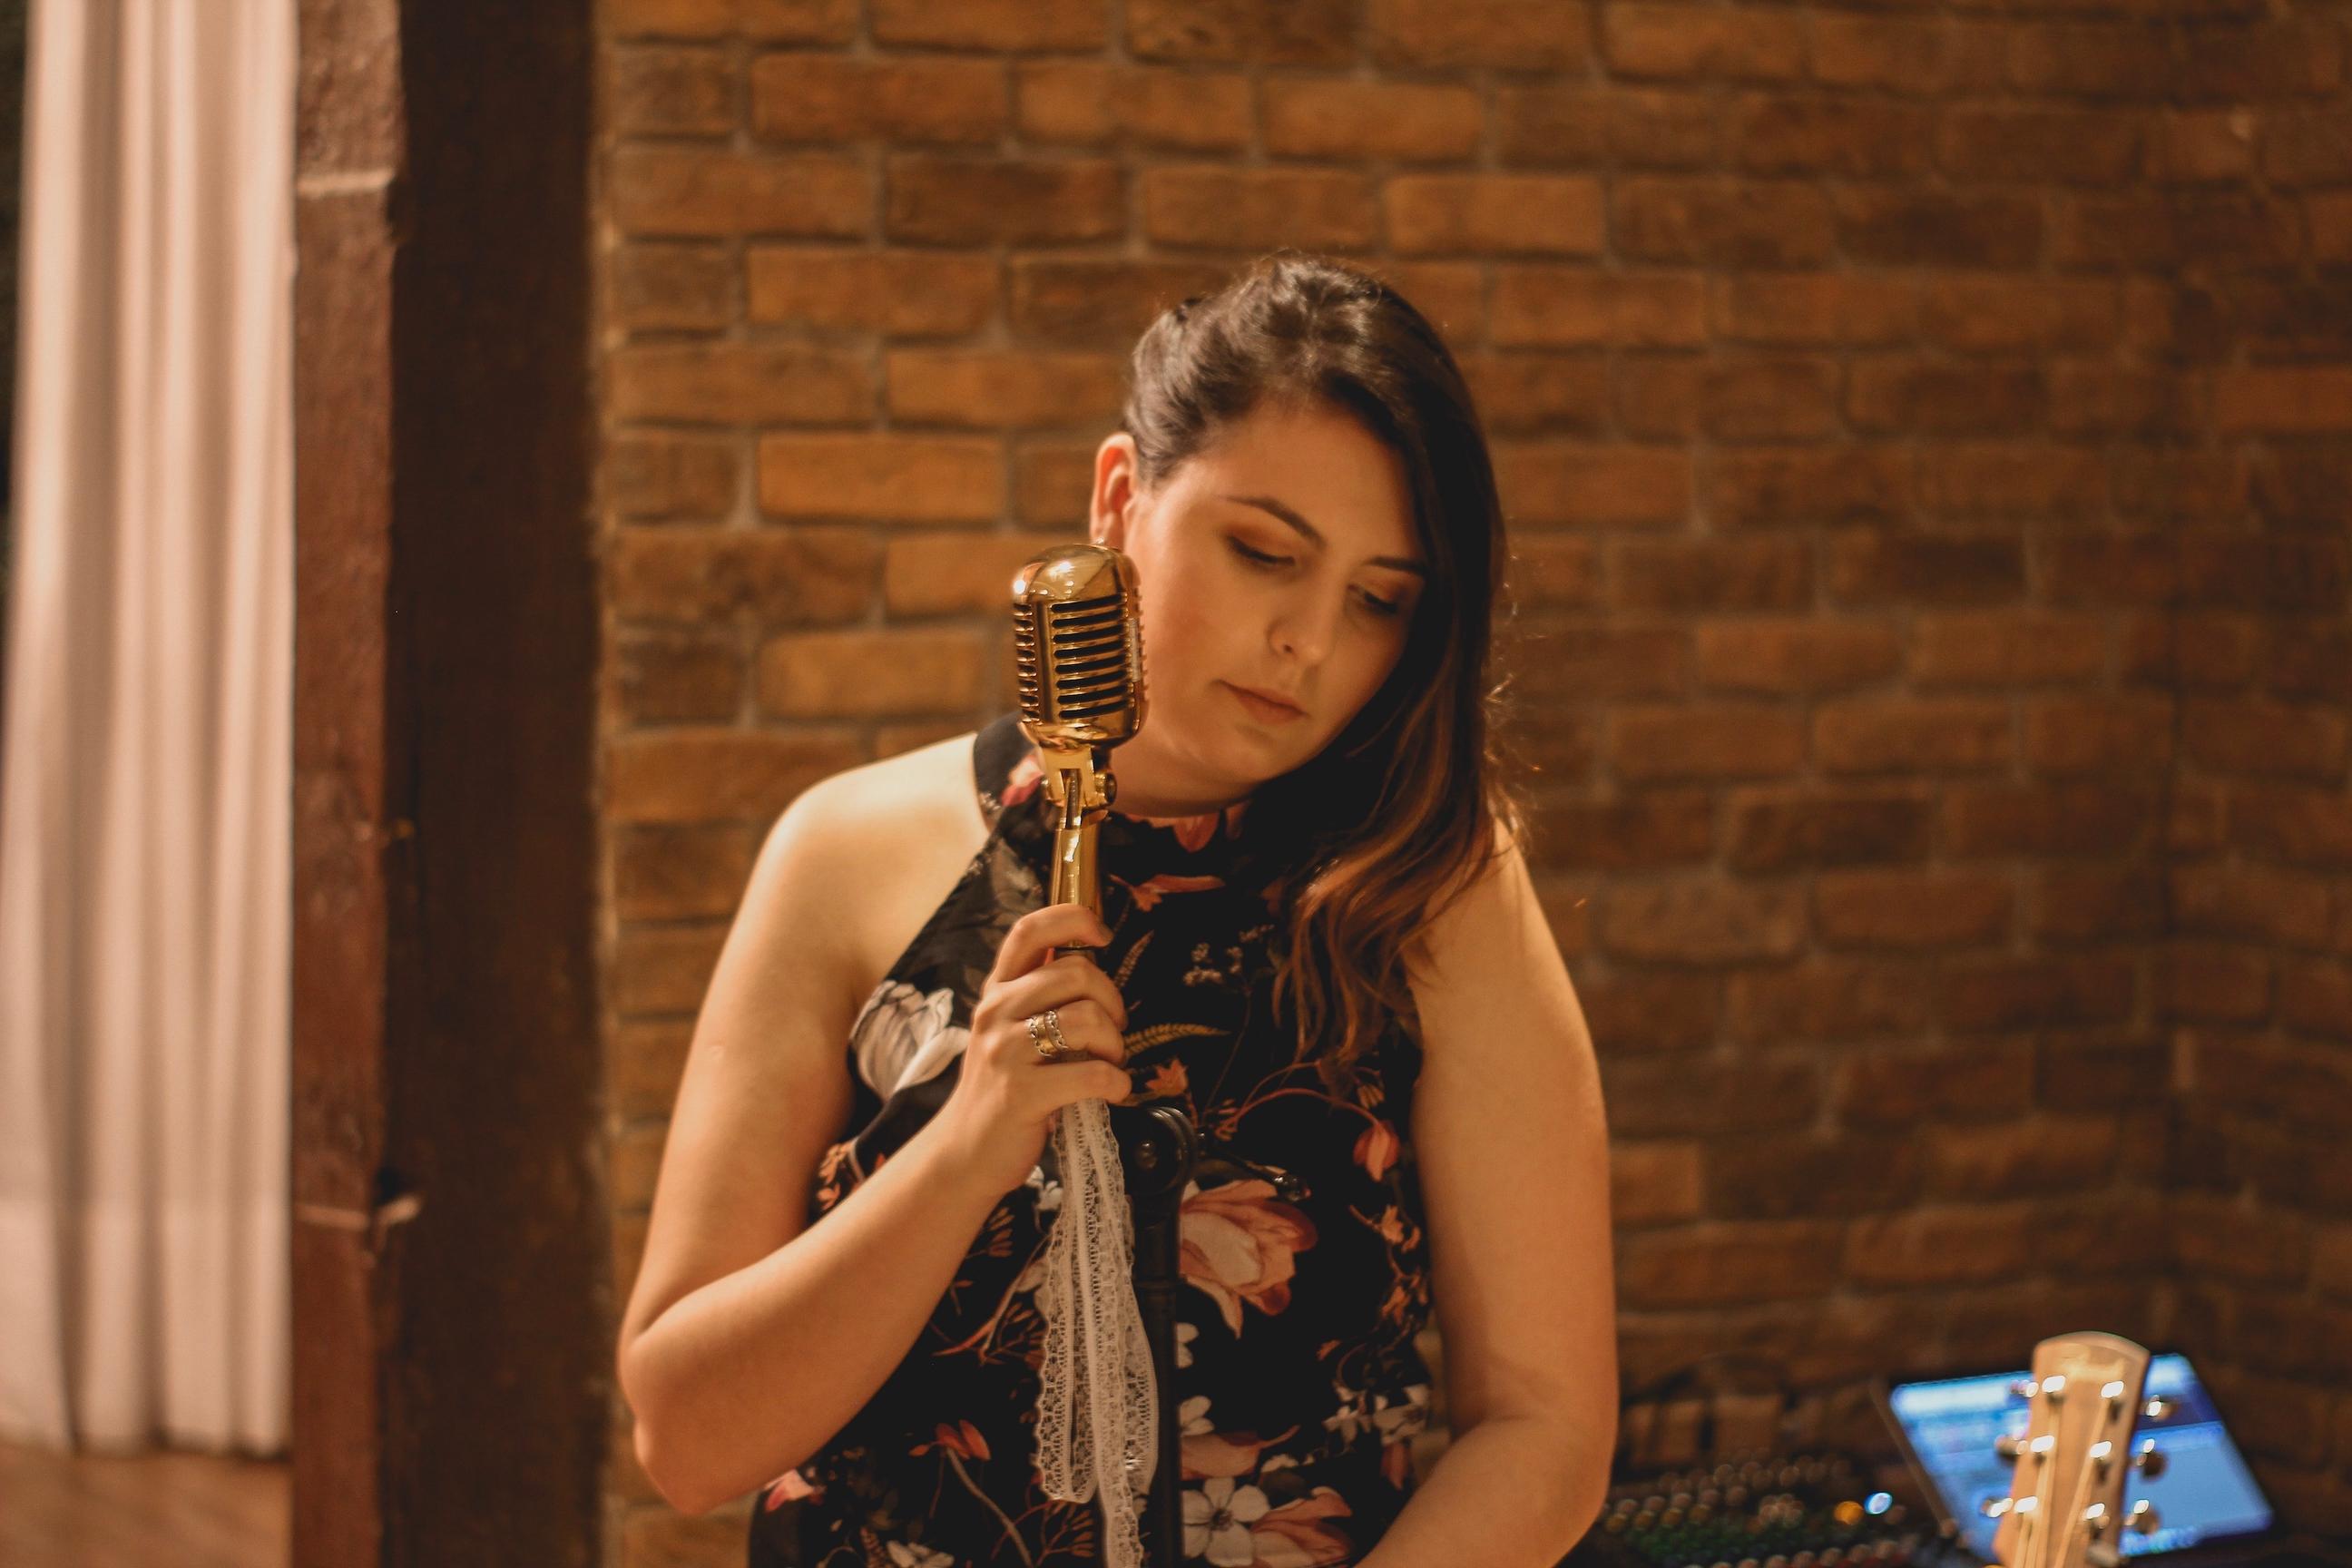 Casamento Leidi e Ale Voz, Violão e Violino 01